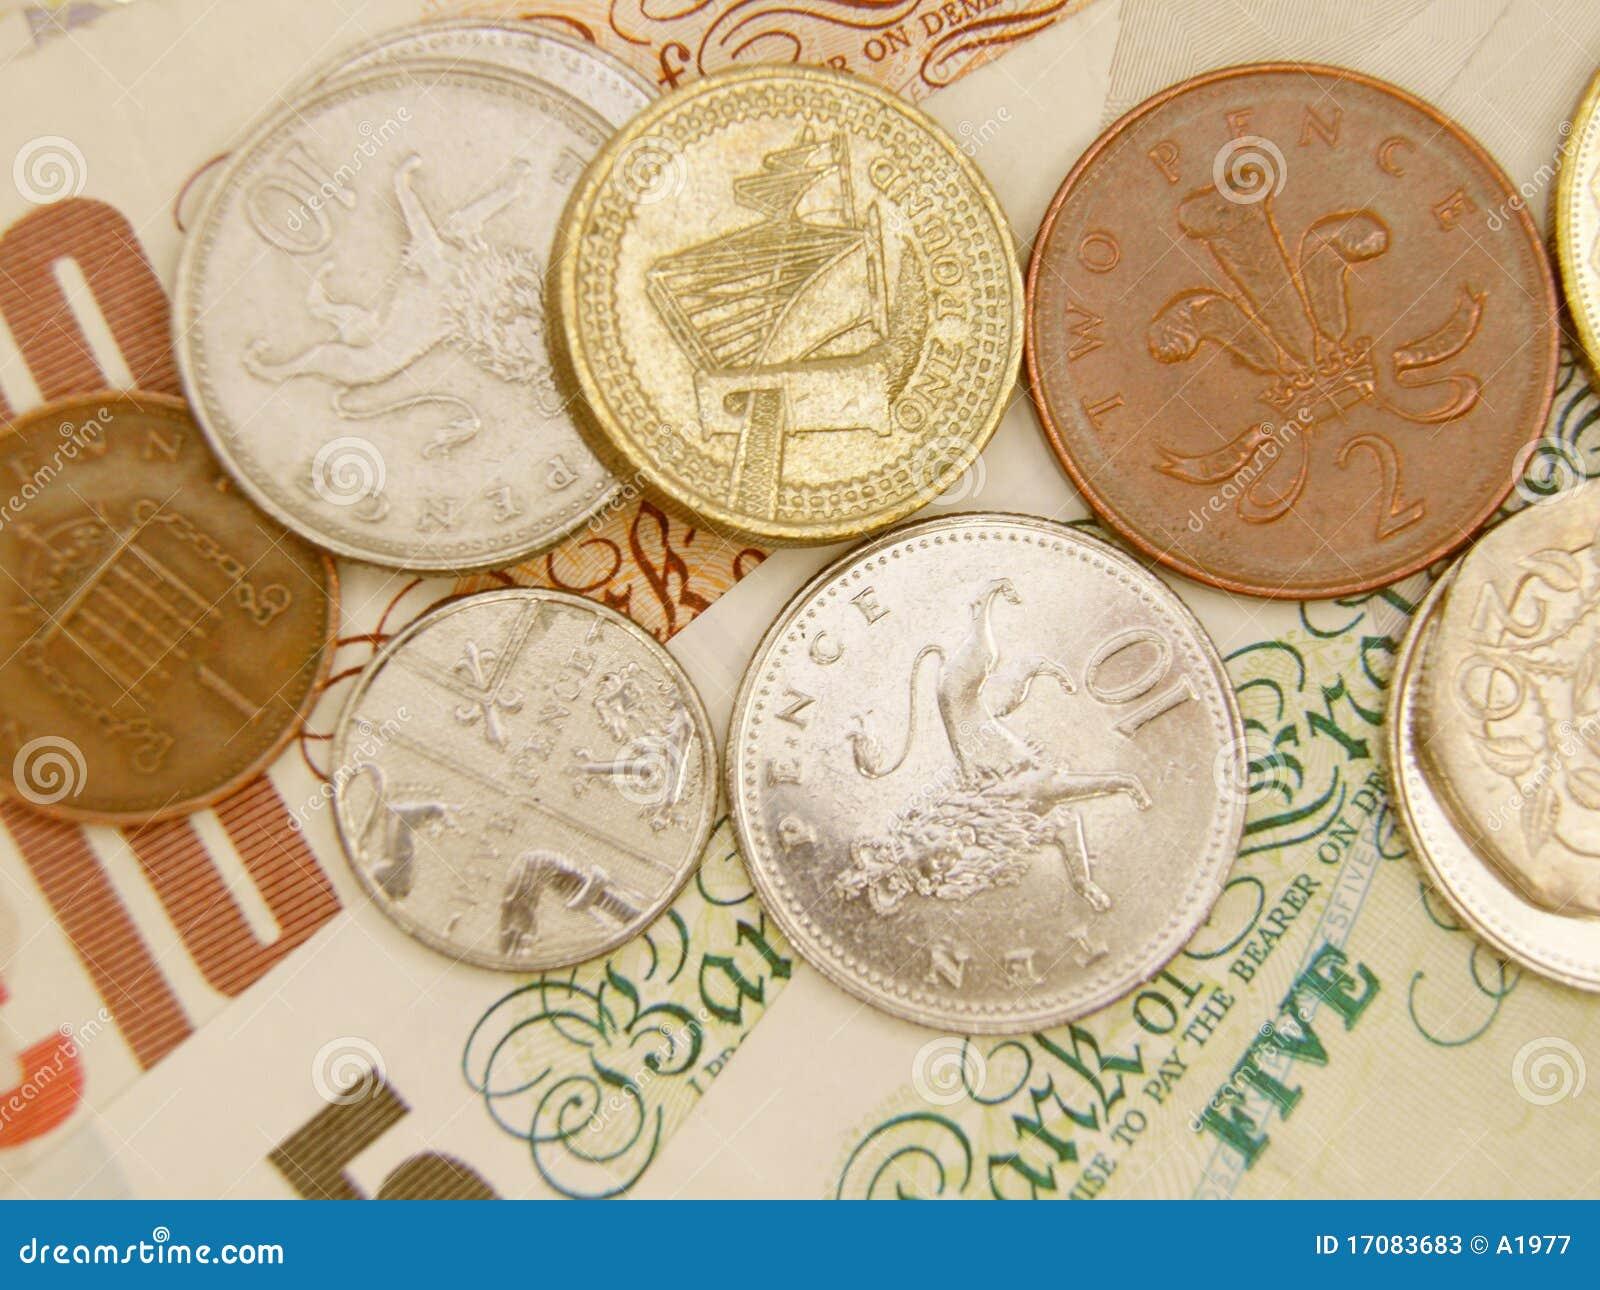 Notas de banco e moedas do GBP